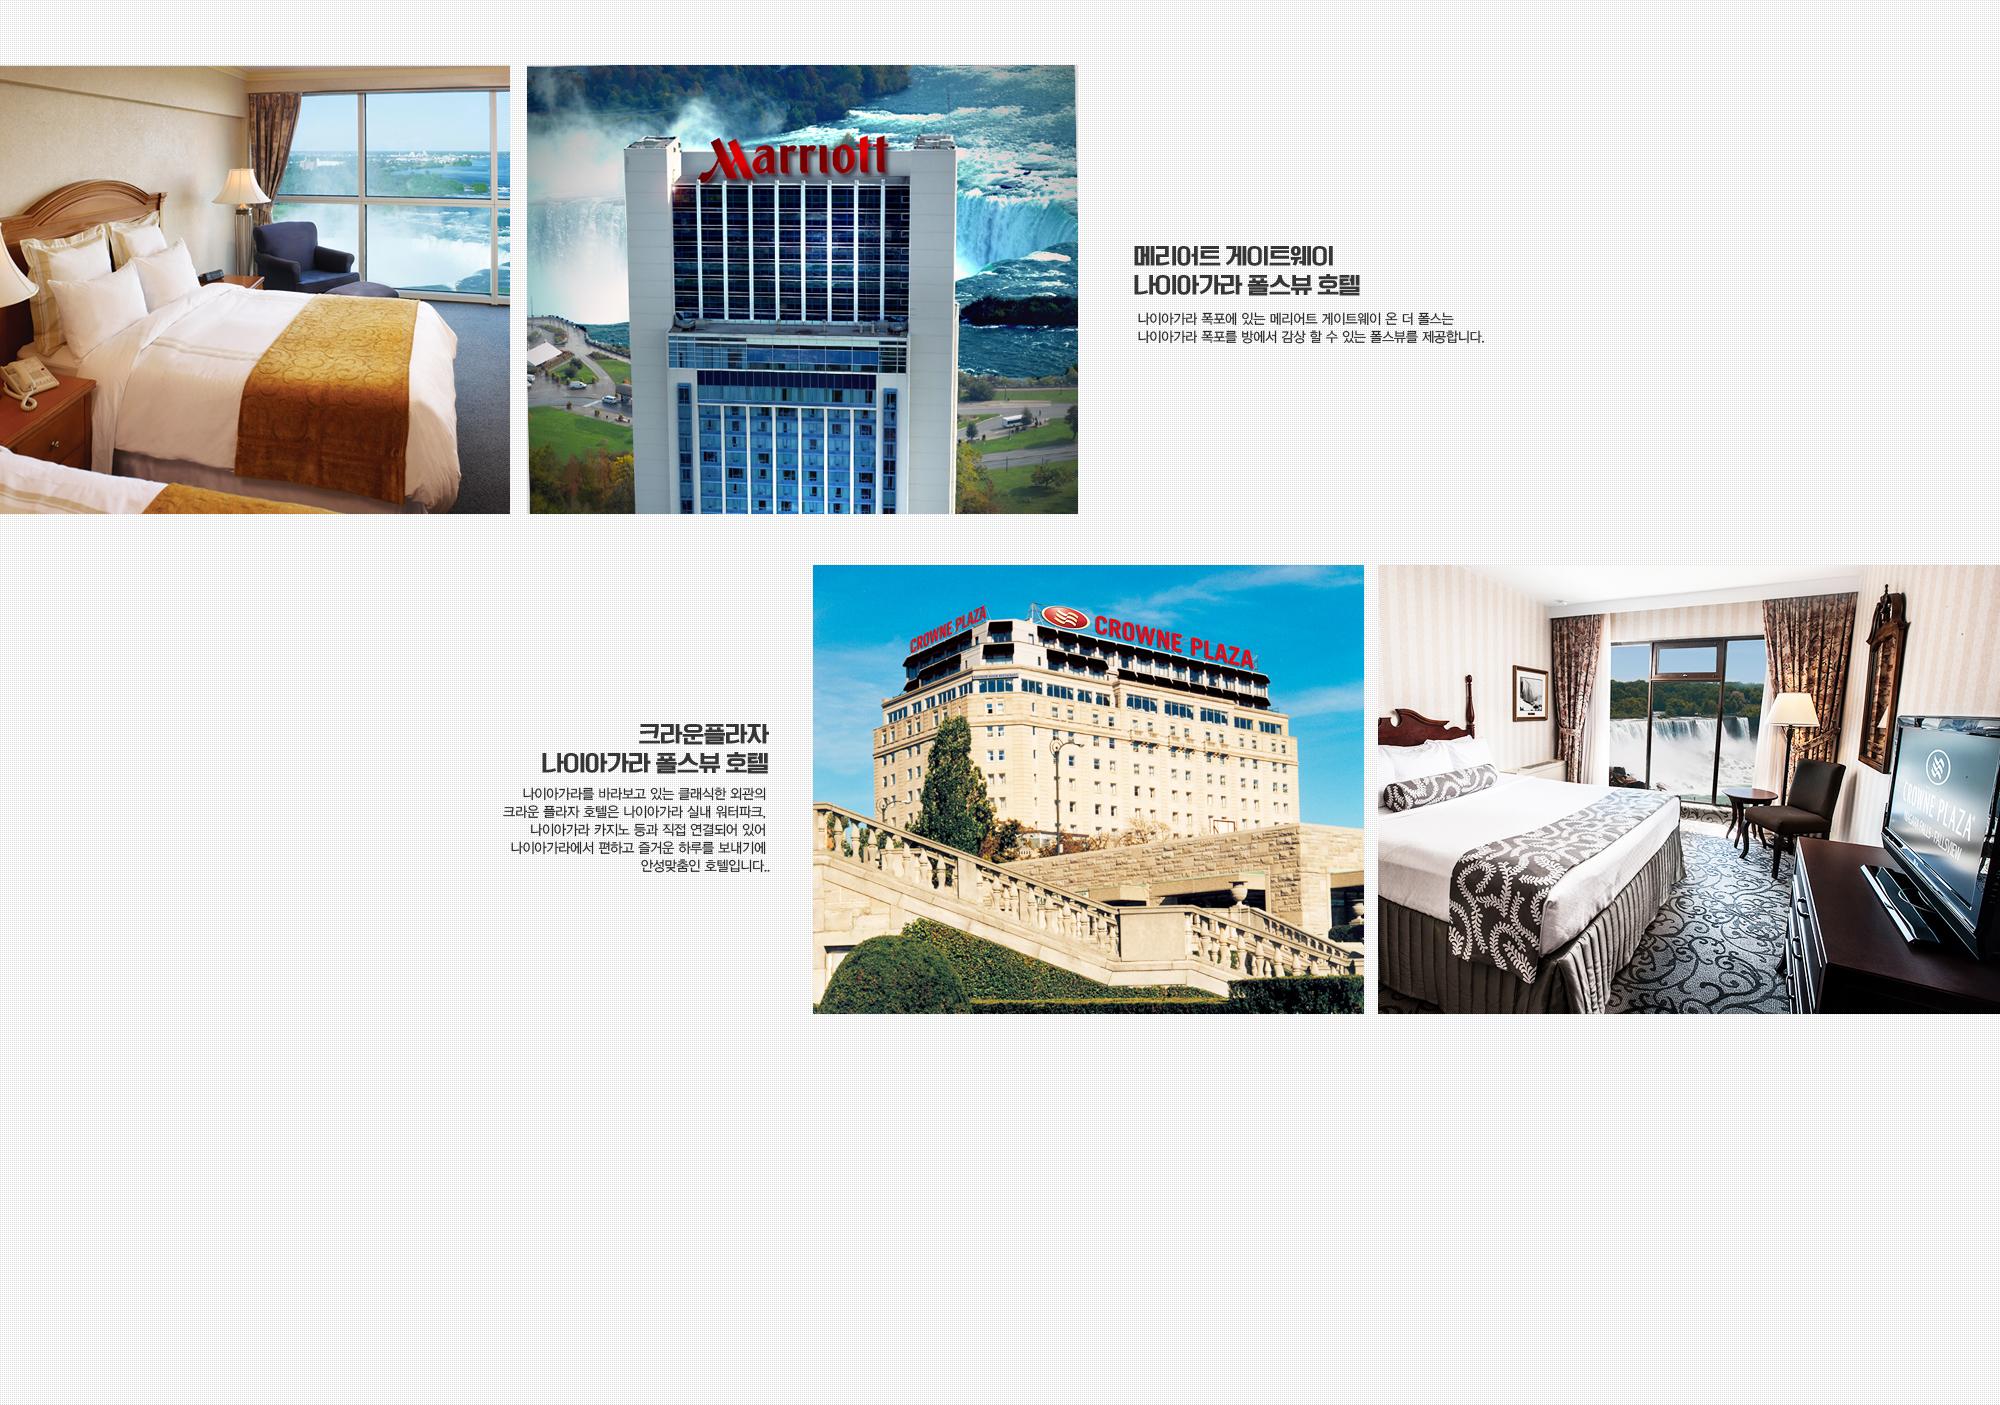 호텔-메리어트 게이트웨이 나이이가라 풀 스뷰 호텔,크라운플라자 나이아가라 풀스뷰 호텔